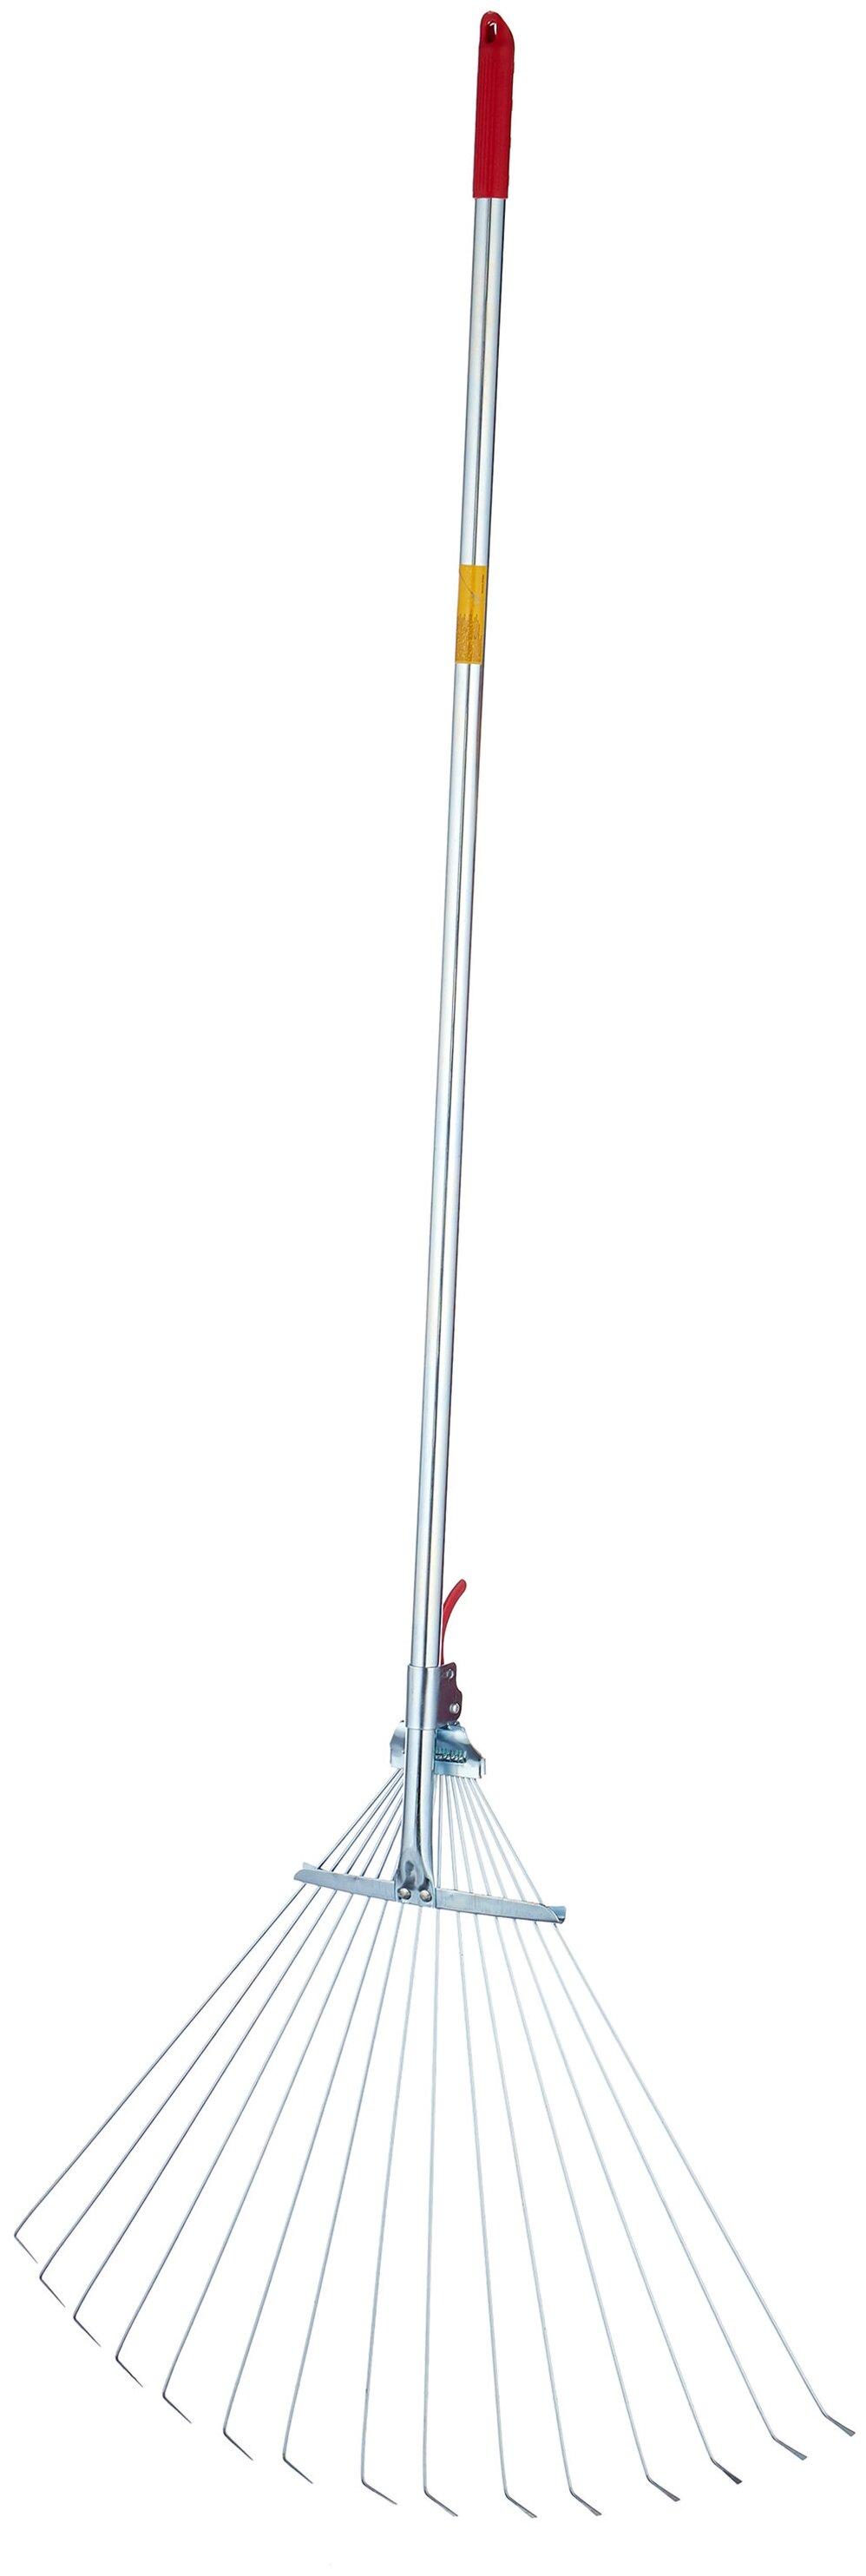 Грабли веерные Park HG1191 раздвижные (119 см)